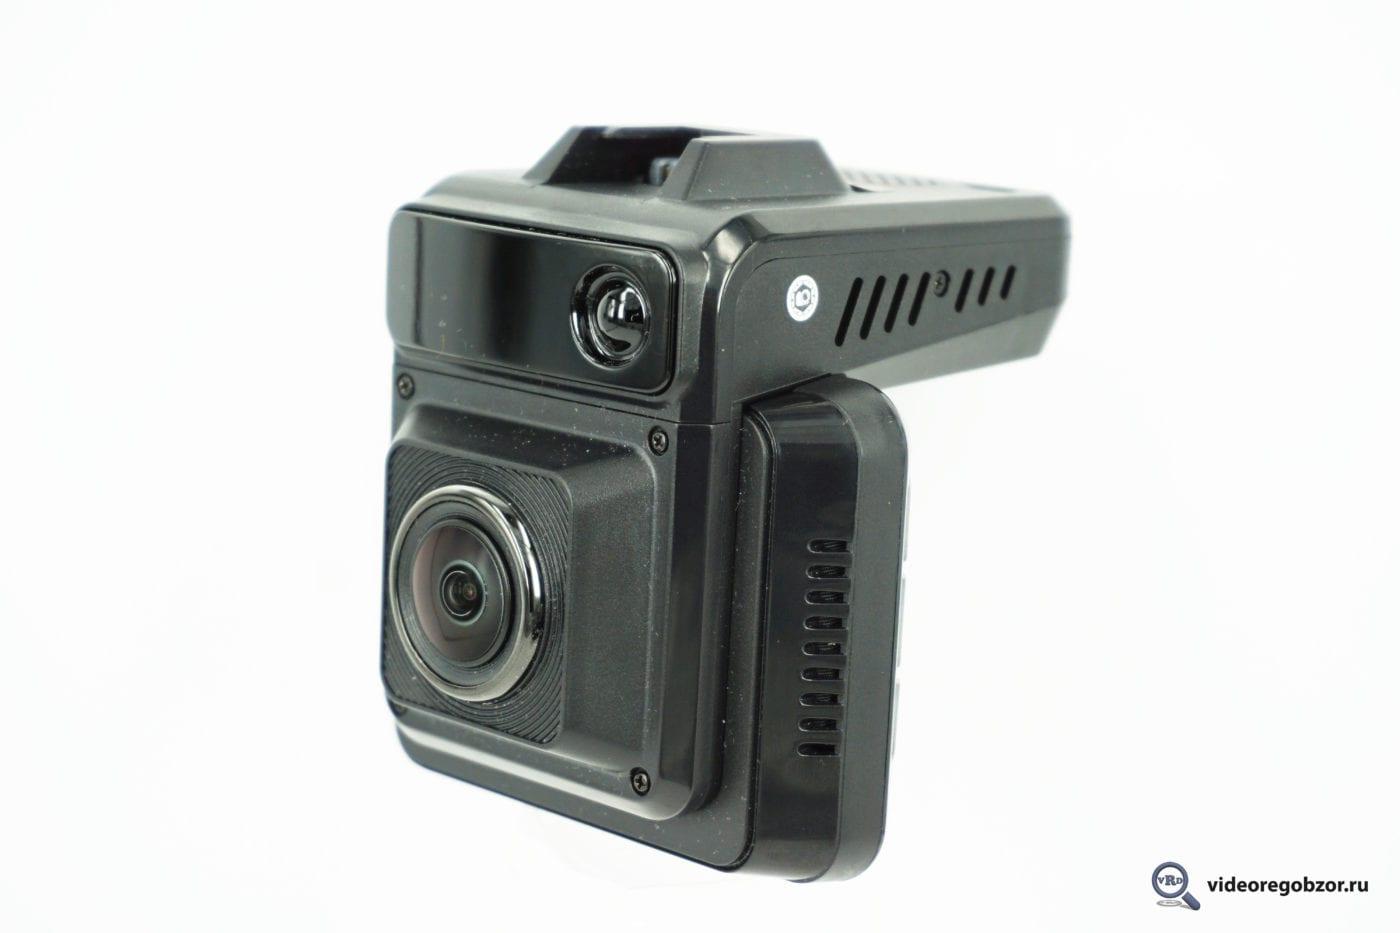 Защита камеры синяя комбо видео обзор купить dji goggles задешево в хасавюрт